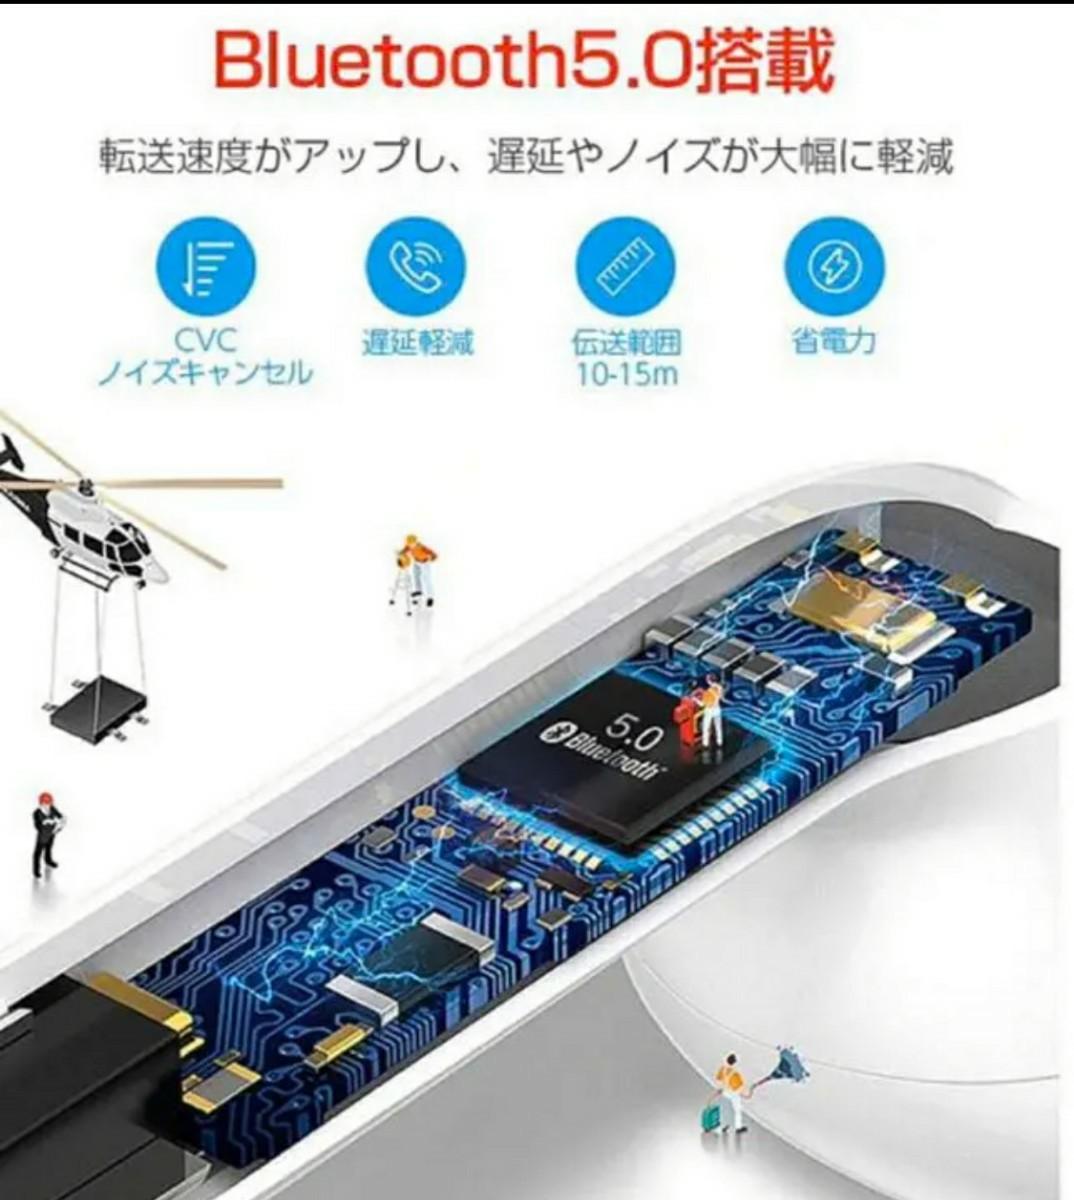 Bluetoothイヤホン Bluetooth5.0 完全ワイヤレスイヤホン